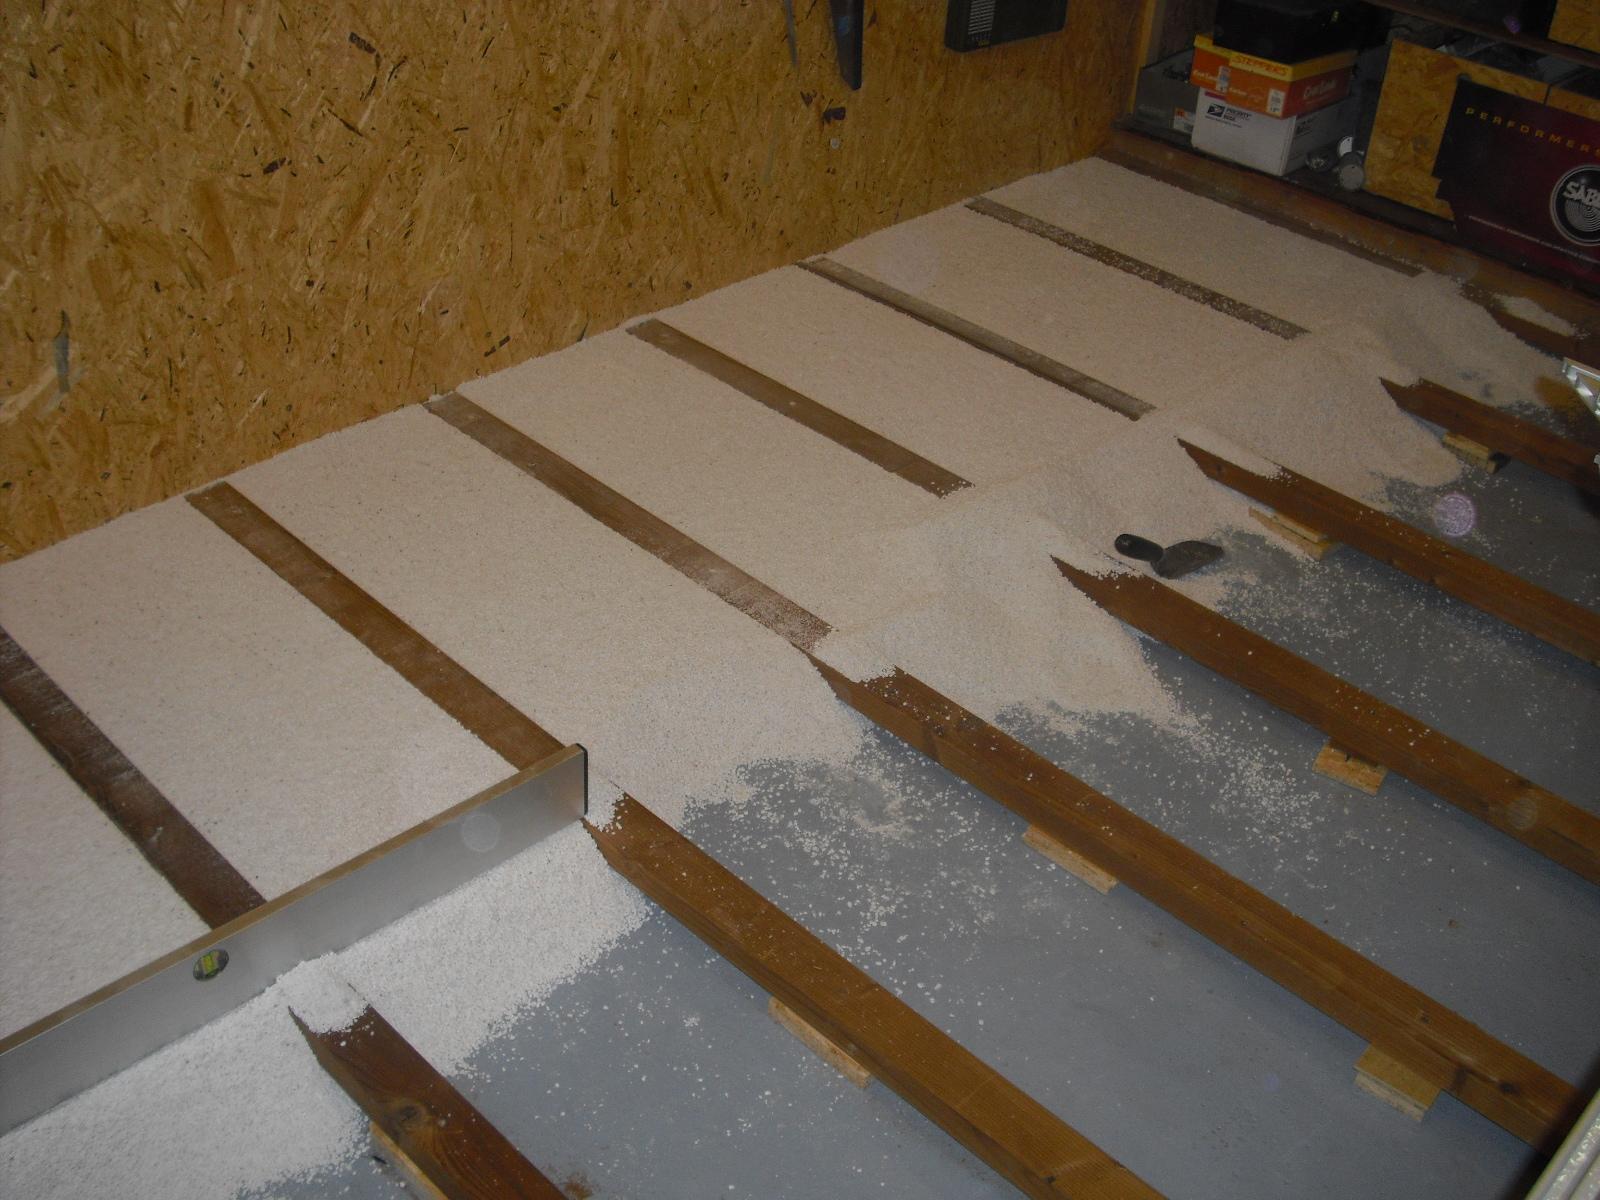 Fußboden Verlegen Mit Osb ~ Fußboden fliesen auf osb platten fussboden streichen rollputz